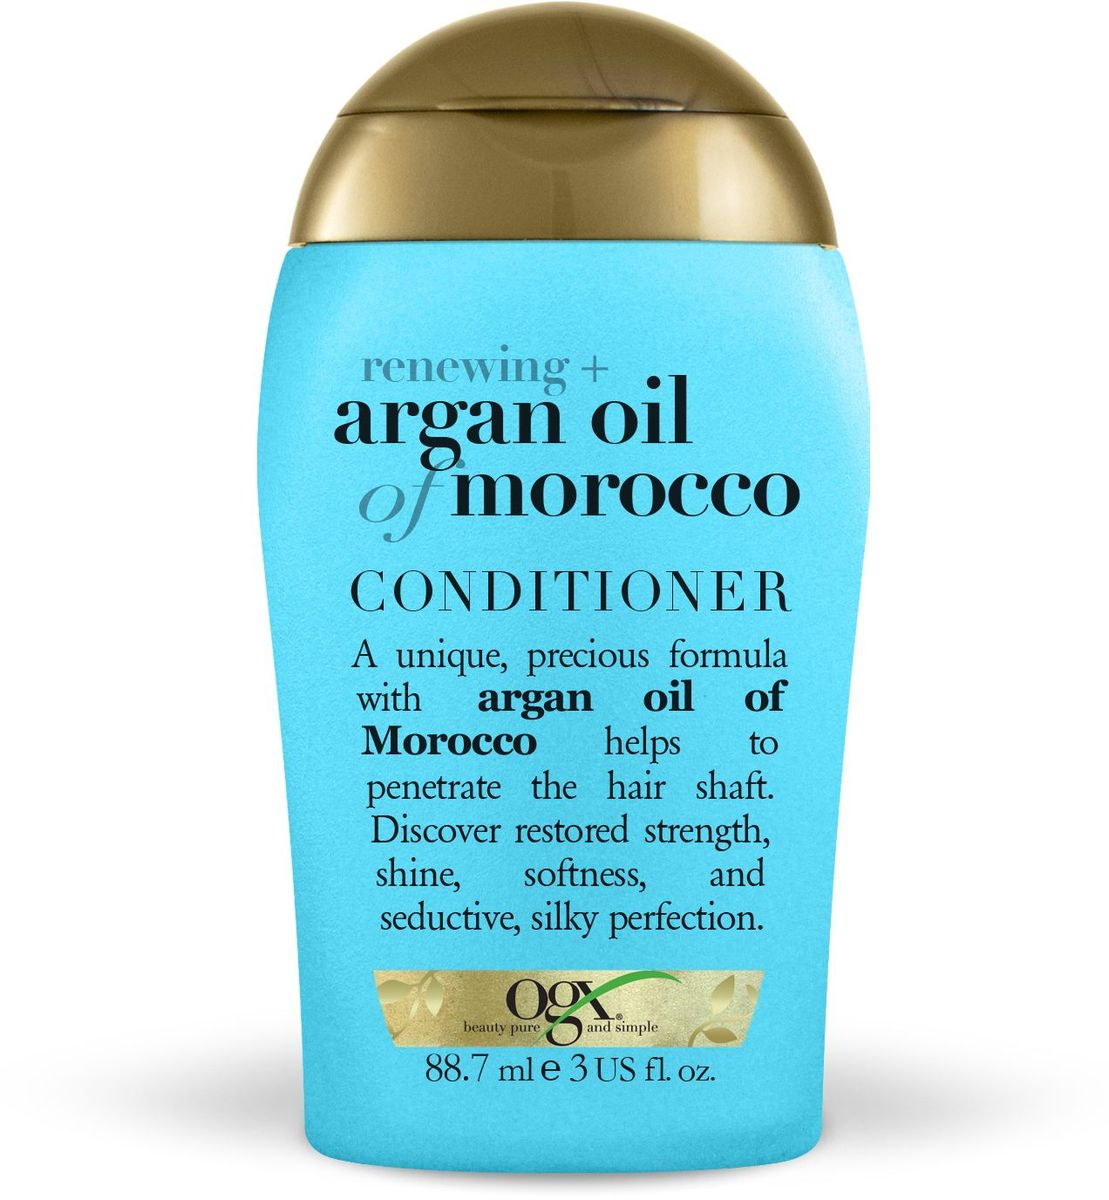 OGX Мини кондиционер для восстановления волос с аргановым маслом, 89 мл.97312Кондиционер для восстановления волос с аргановым маслом, обогащенный антиоксидантами, способствует обновлению клеточной структуры волос, придает сияния и мягкость.